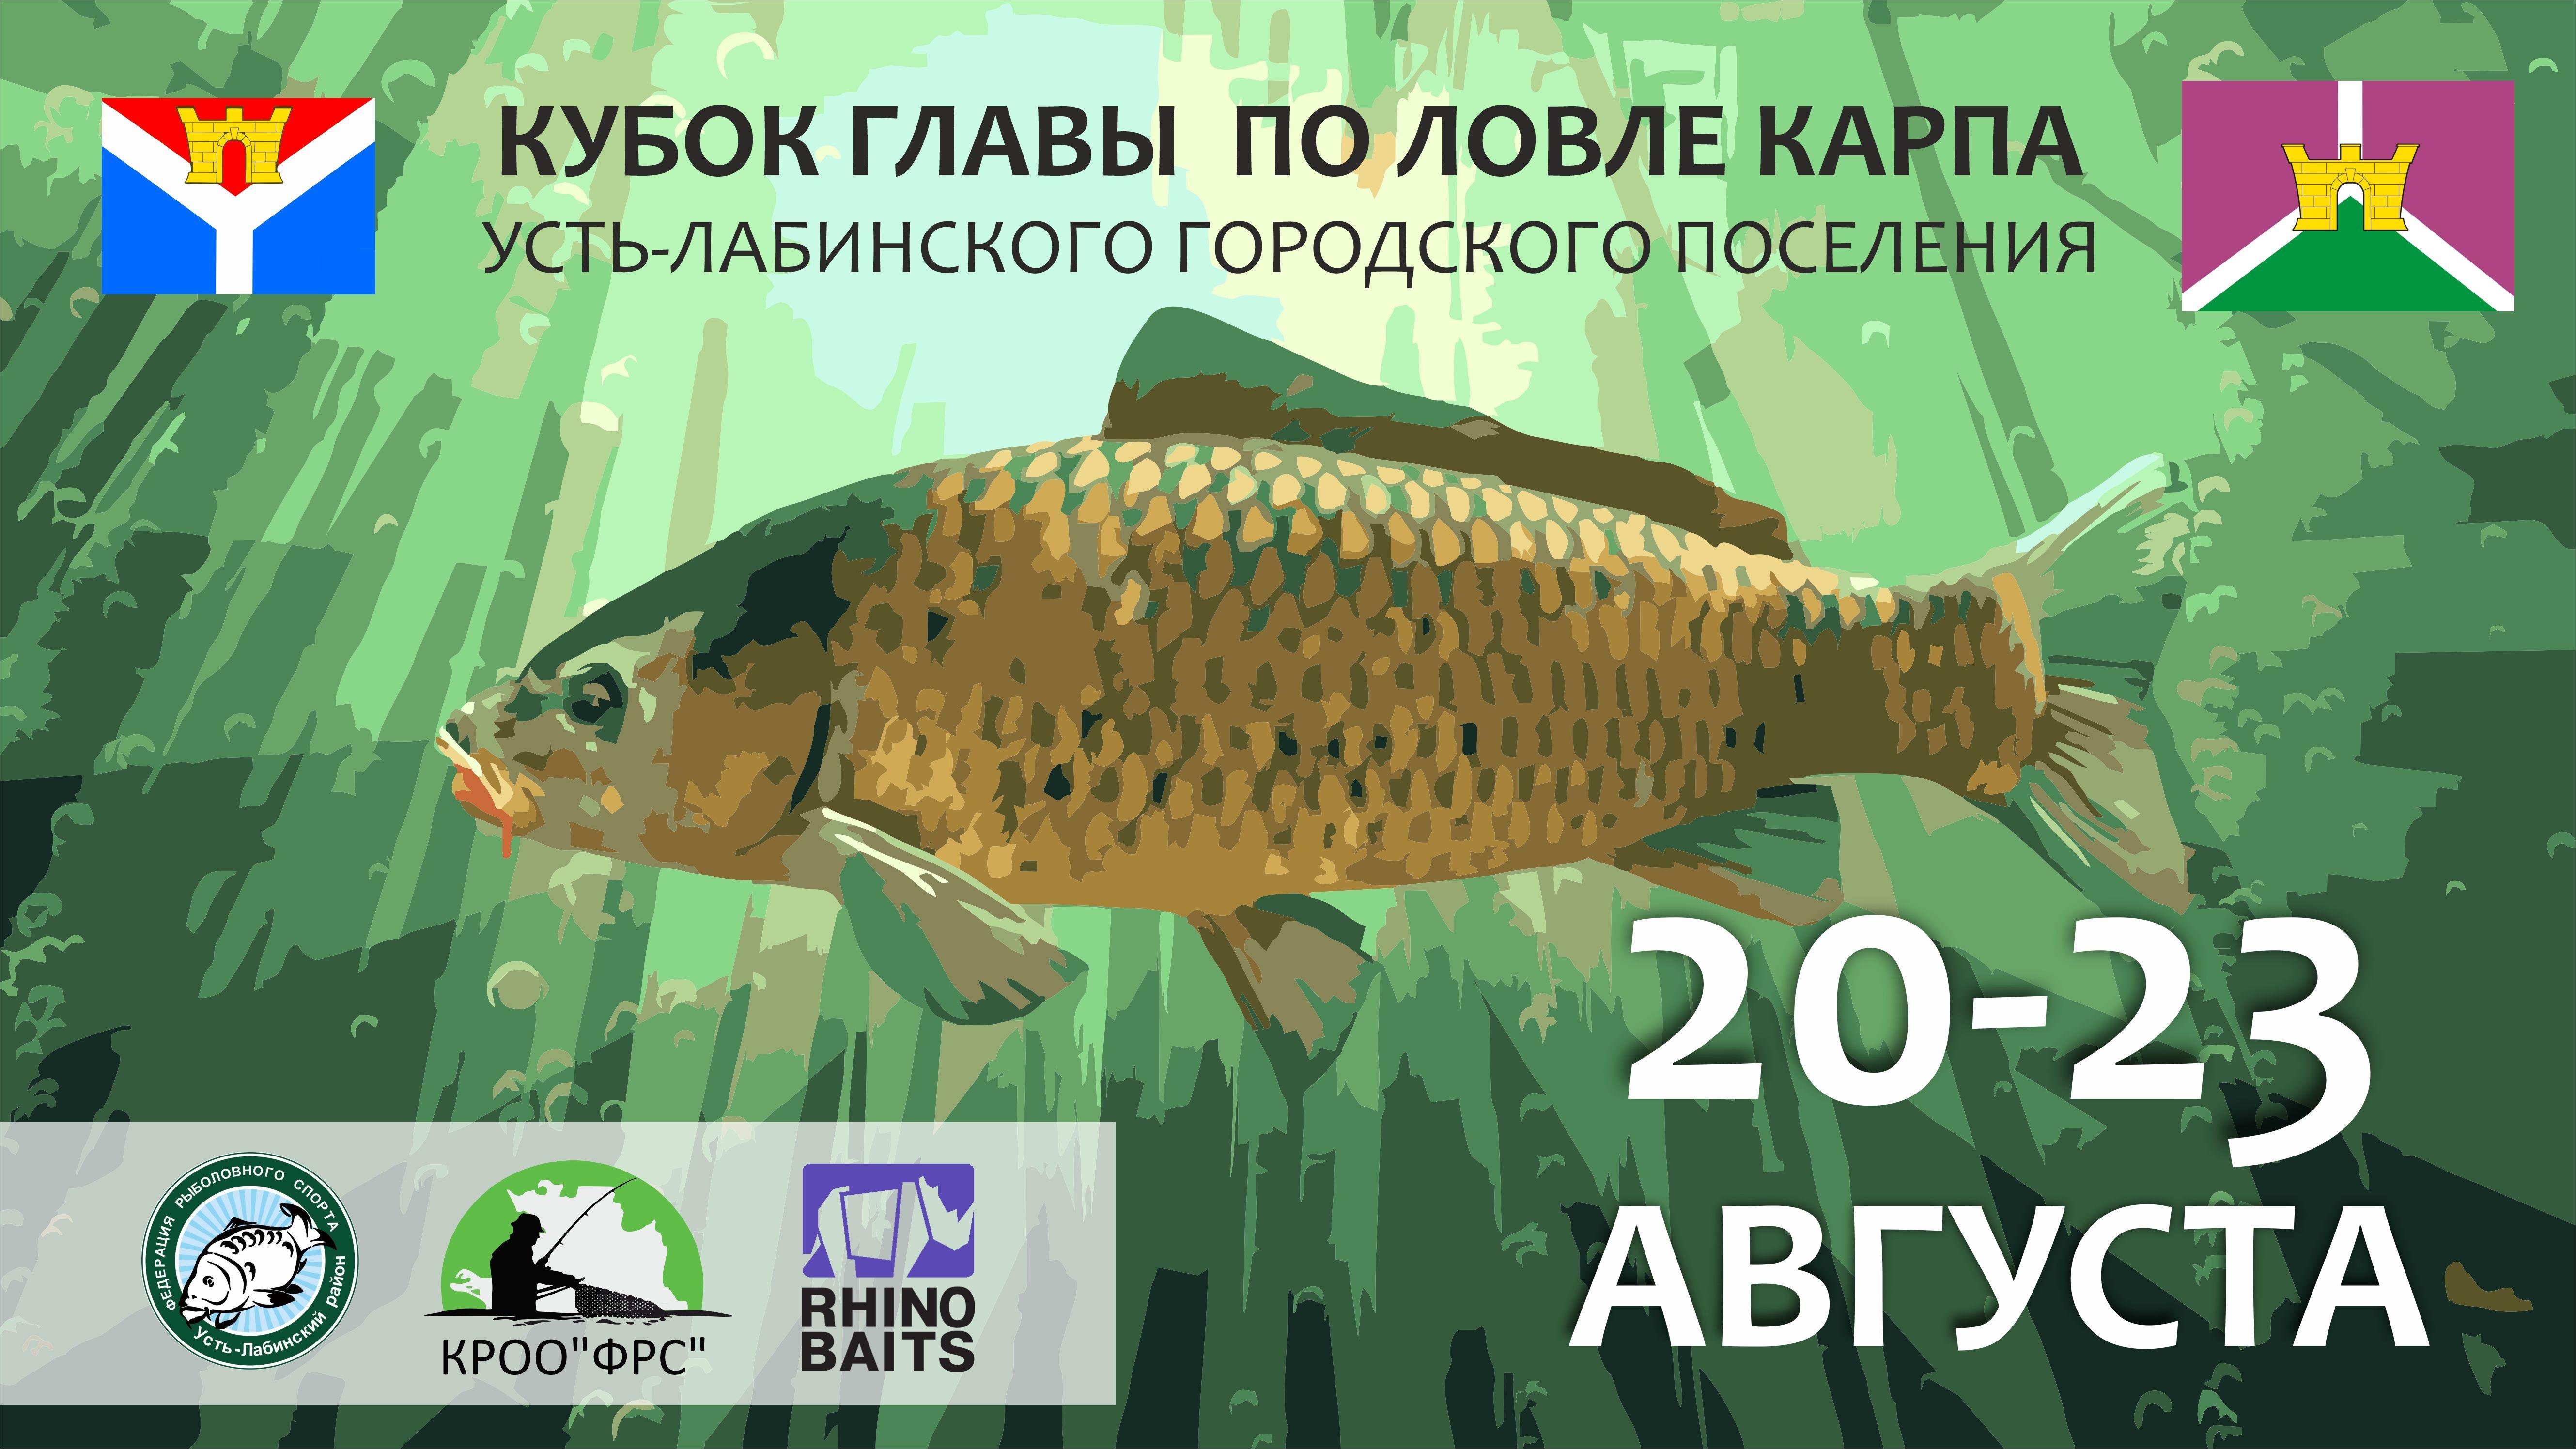 Кубок Главы Усть-Лабинского городского поселения по ловле карпа 2020